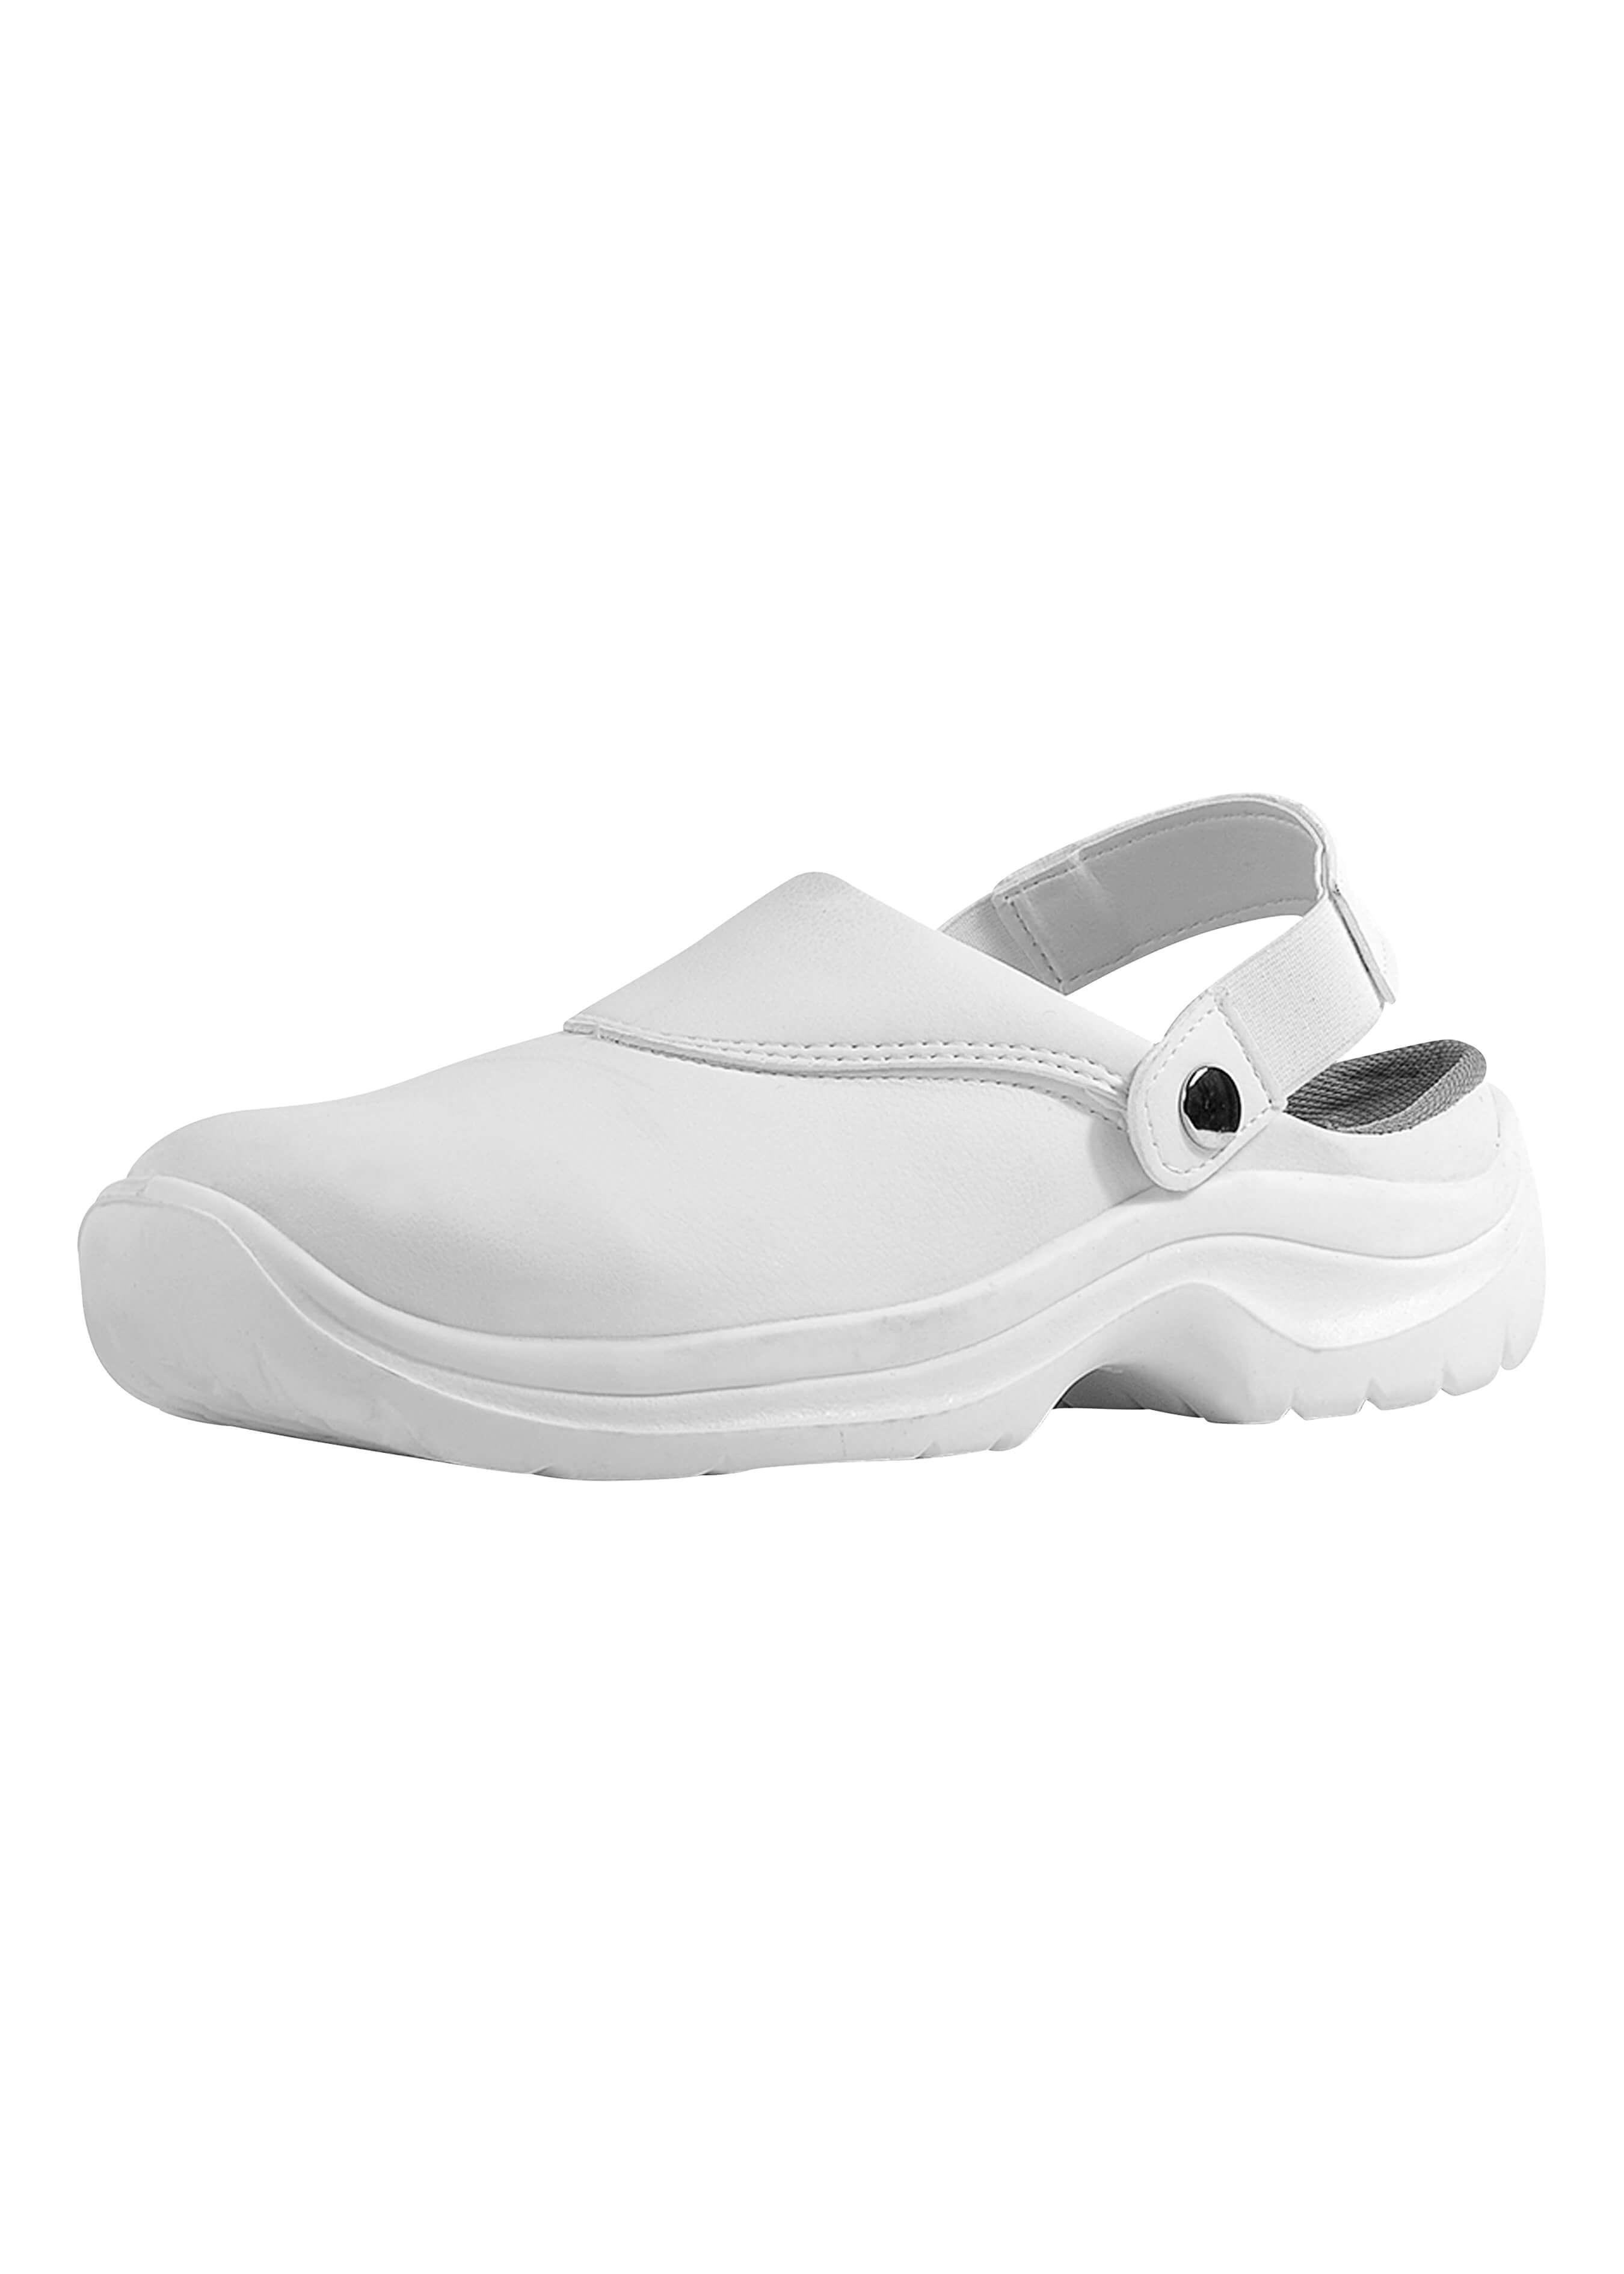 Mule Nevada chaussure de sécurité SB 42421435 1